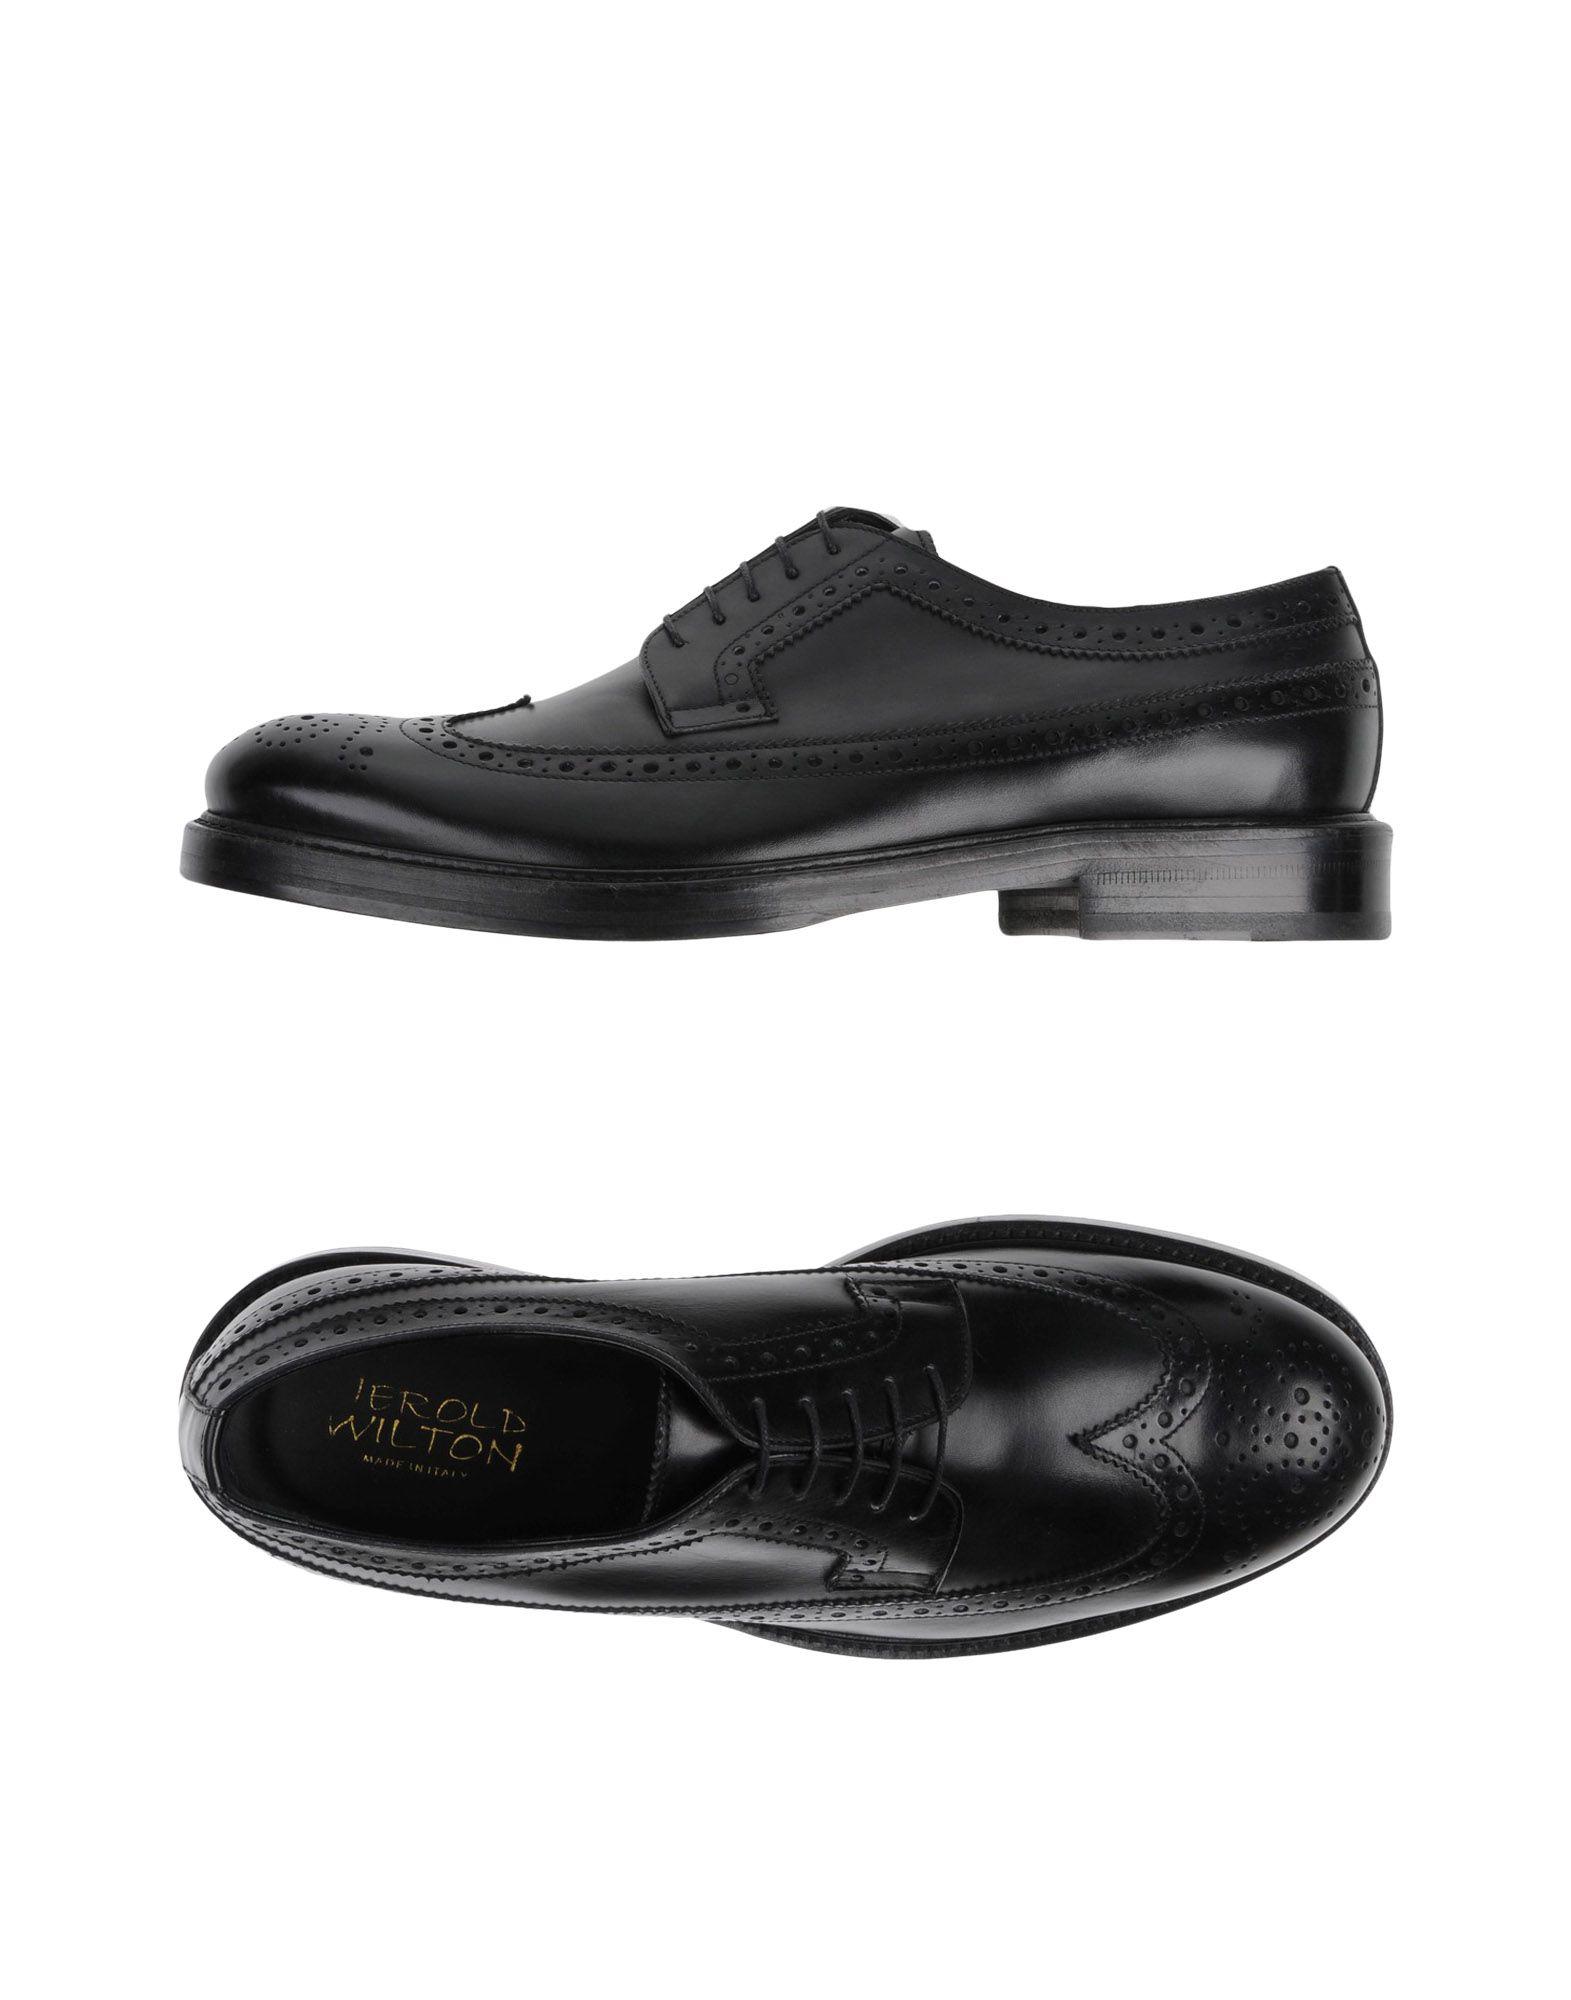 Rabatt Schnürschuhe echte Schuhe Jerold Wilton Schnürschuhe Rabatt Herren  11249127BL 6b81a4